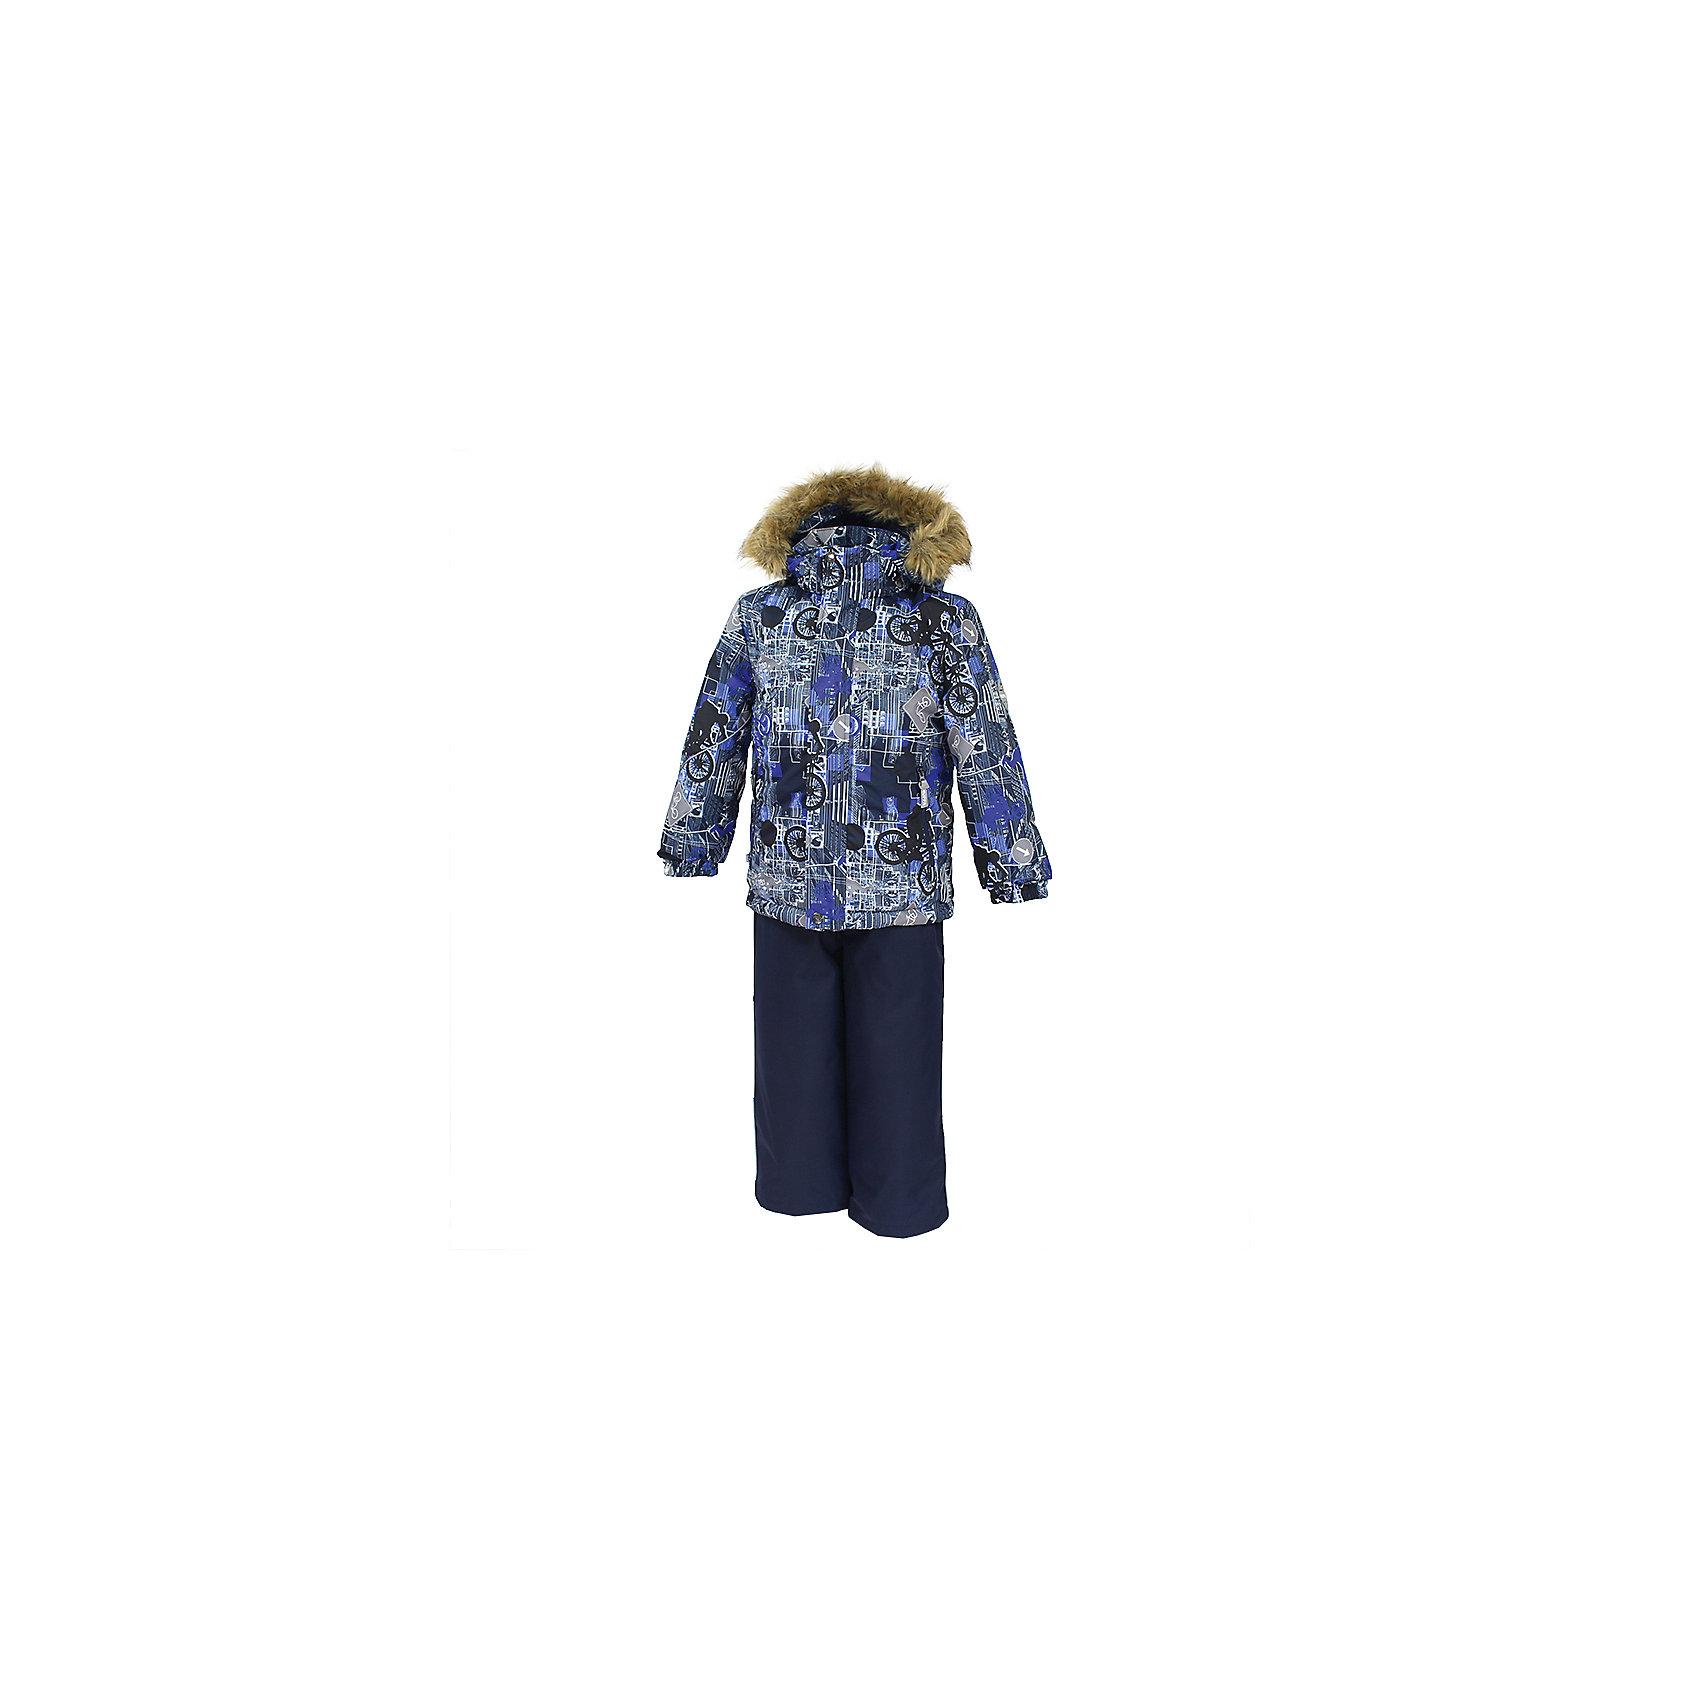 Комплект: куртка и брюки DANTE HuppaВерхняя одежда<br>Характеристики товара:<br><br>• модель: Dante;<br>• цвет: синий принт/синий;<br>• состав: 100% полиэстер;<br>• утеплитель: нового поколения HuppaTherm, 300 гр куртка / 160гр брюки;<br>• подкладка: полиэстер: тафта, pritex;<br>• сезон: зима;<br>• температурный режим: от -5 до - 30С;<br>• водонепроницаемость: 10000 мм;<br>• воздухопроницаемость: 10000 г/м2/24ч;<br>• особенности модели: c рисунком; с мехом на капюшоне;<br>• плечевые швы и шаговый шов проклеены и не пропускают влагу;<br>• в куртке застежка молния, прикрыта планкой;<br>• низ куртки стягивается кулиской, что помогает предотвращать попадание снега внутрь;<br>• эластичные подтяжки регулируются по длине;<br>• низ брюк затягивается на шнурок с фиксатором;<br>• снегозащитные манжеты на штанинах;<br>• безопасный капюшон крепится на кнопки и, при необходимости, отстегивается;<br>• искусственный мех на капюшоне съемный;<br>• светоотражающие элементы для безопасности ребенка;<br>• внутренний и боковые карманы застегиваются на молнию;<br>• манжеты рукавов эластичные, на резинках; <br>• страна бренда: Финляндия;<br>• страна изготовитель: Эстония.<br><br>Зимний комплект Dante - это отличный вариант для холодной зимы. Утеплитель HuppaTherm - высокотехнологичный легкий синтетический утеплитель нового поколения. Сохраняет объем и высокую теплоизоляцию изделия. Легко стирается и быстро сохнет. Изделия HuppaTherm легкие по весу, комфортные и теплые.<br><br>Мембрана препятствует прохождению воды и ветра сквозь ткань внутрь изделия, позволяя испаряться выделяемой телом, образовывающейся внутри влаге. Прочная ткань: сплетения волокон в тканях выполнены по специальной технологии, которая придаёт ткани прочность и предохранят от истирания.Подкладка —полиэстер: тафта, pritex.<br><br>Функциональные элементы: Куртка: капюшон и мех отстегивается,  застежка молния, прикрыта планкой, манжеты на резинке, светоотражающие элементы. Брюки:  застежка молния, эластичные подтяжки регули